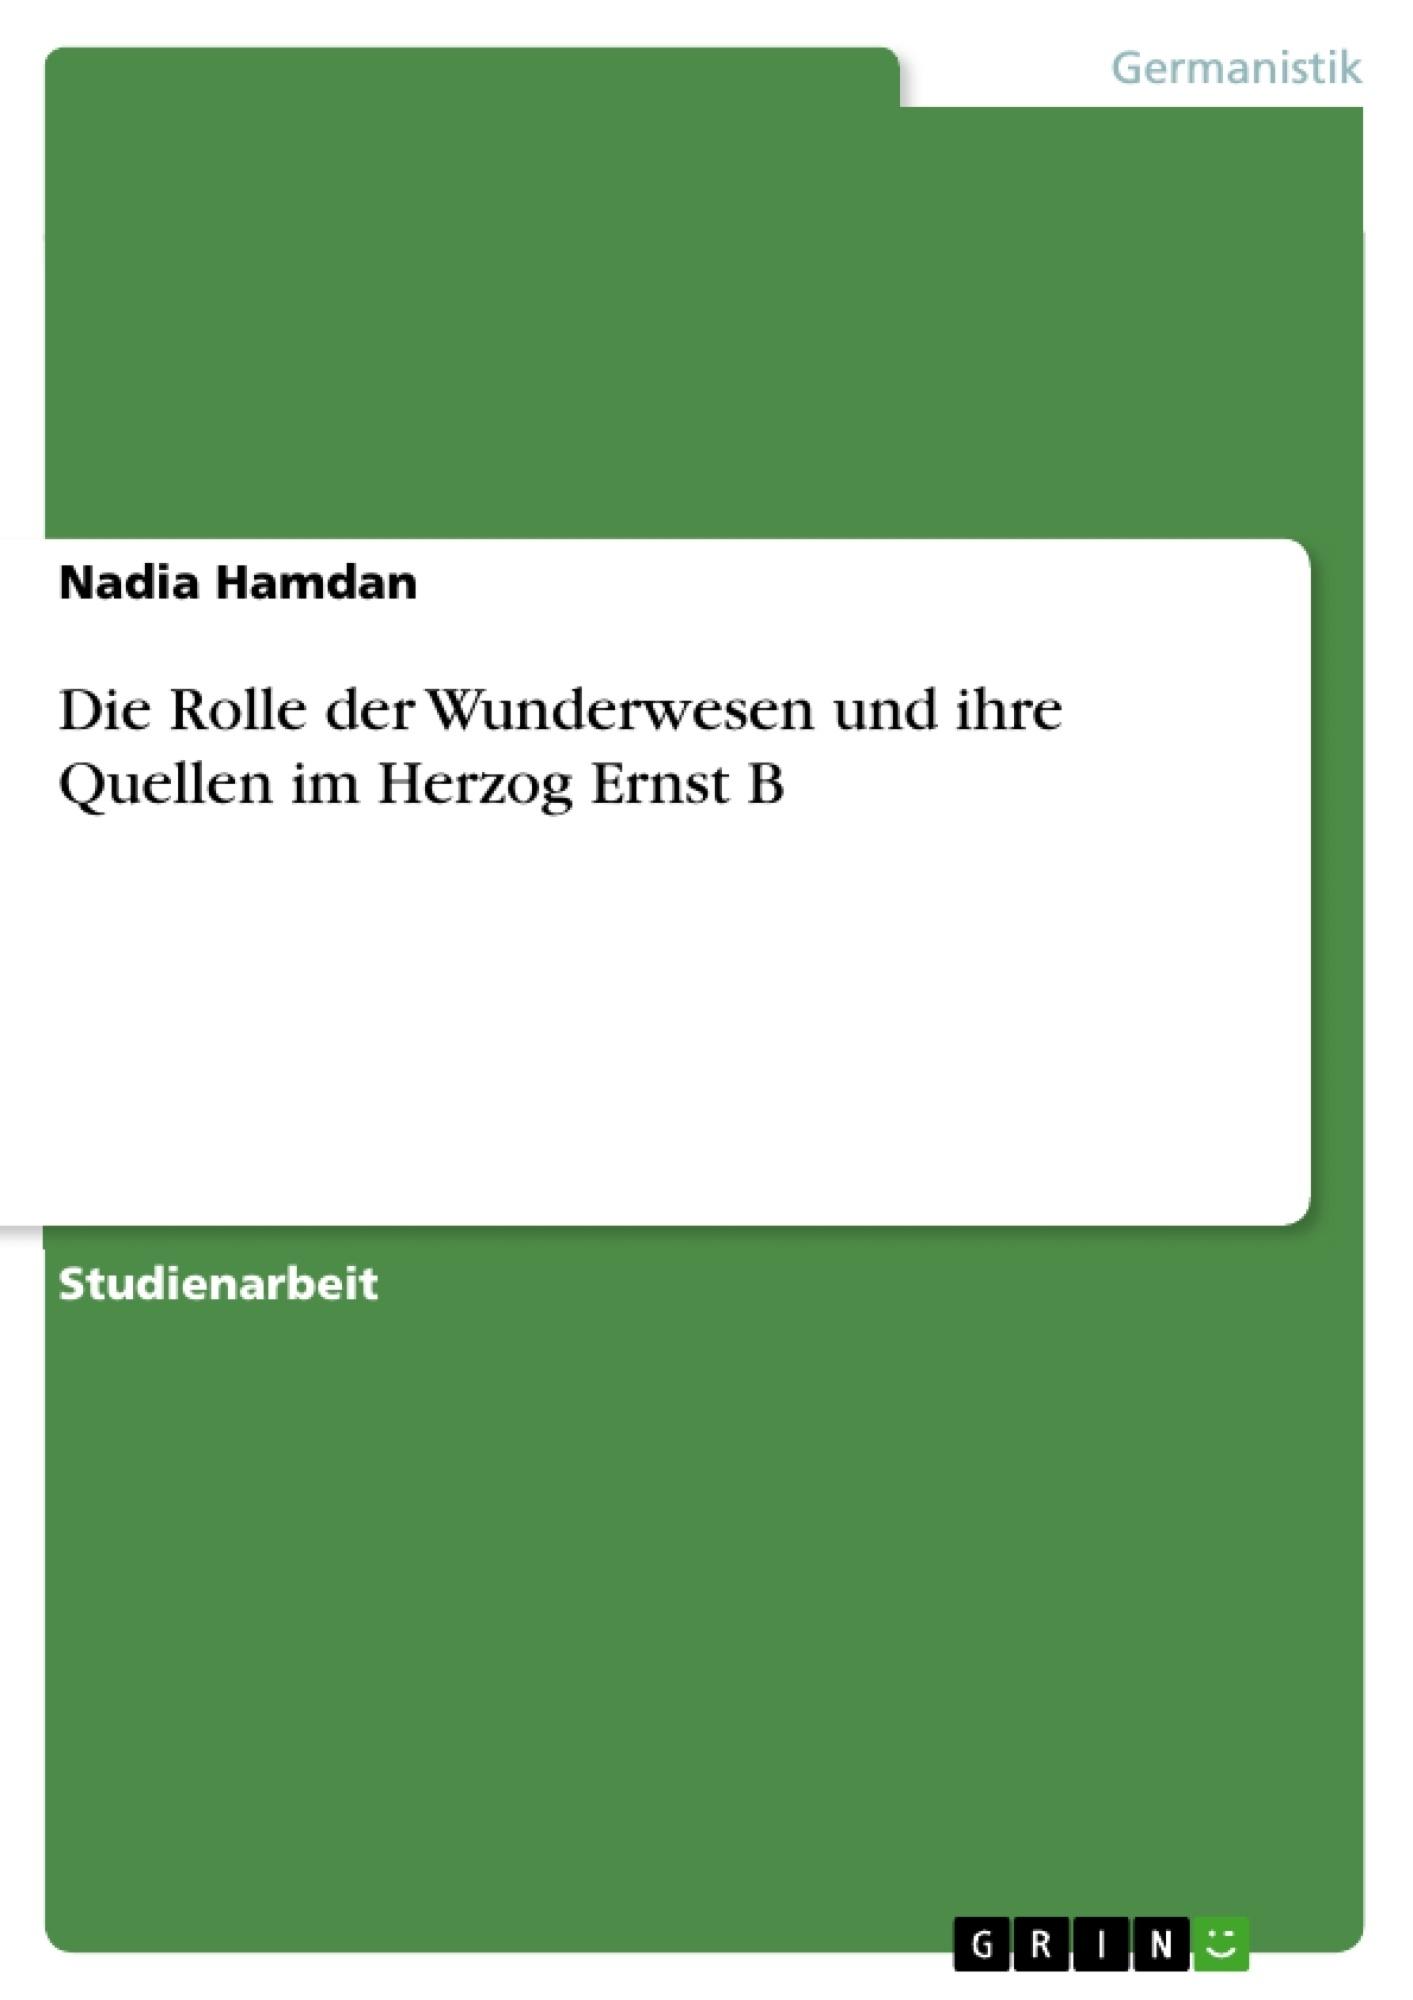 Titel: Die Rolle der Wunderwesen und ihre Quellen im Herzog Ernst B